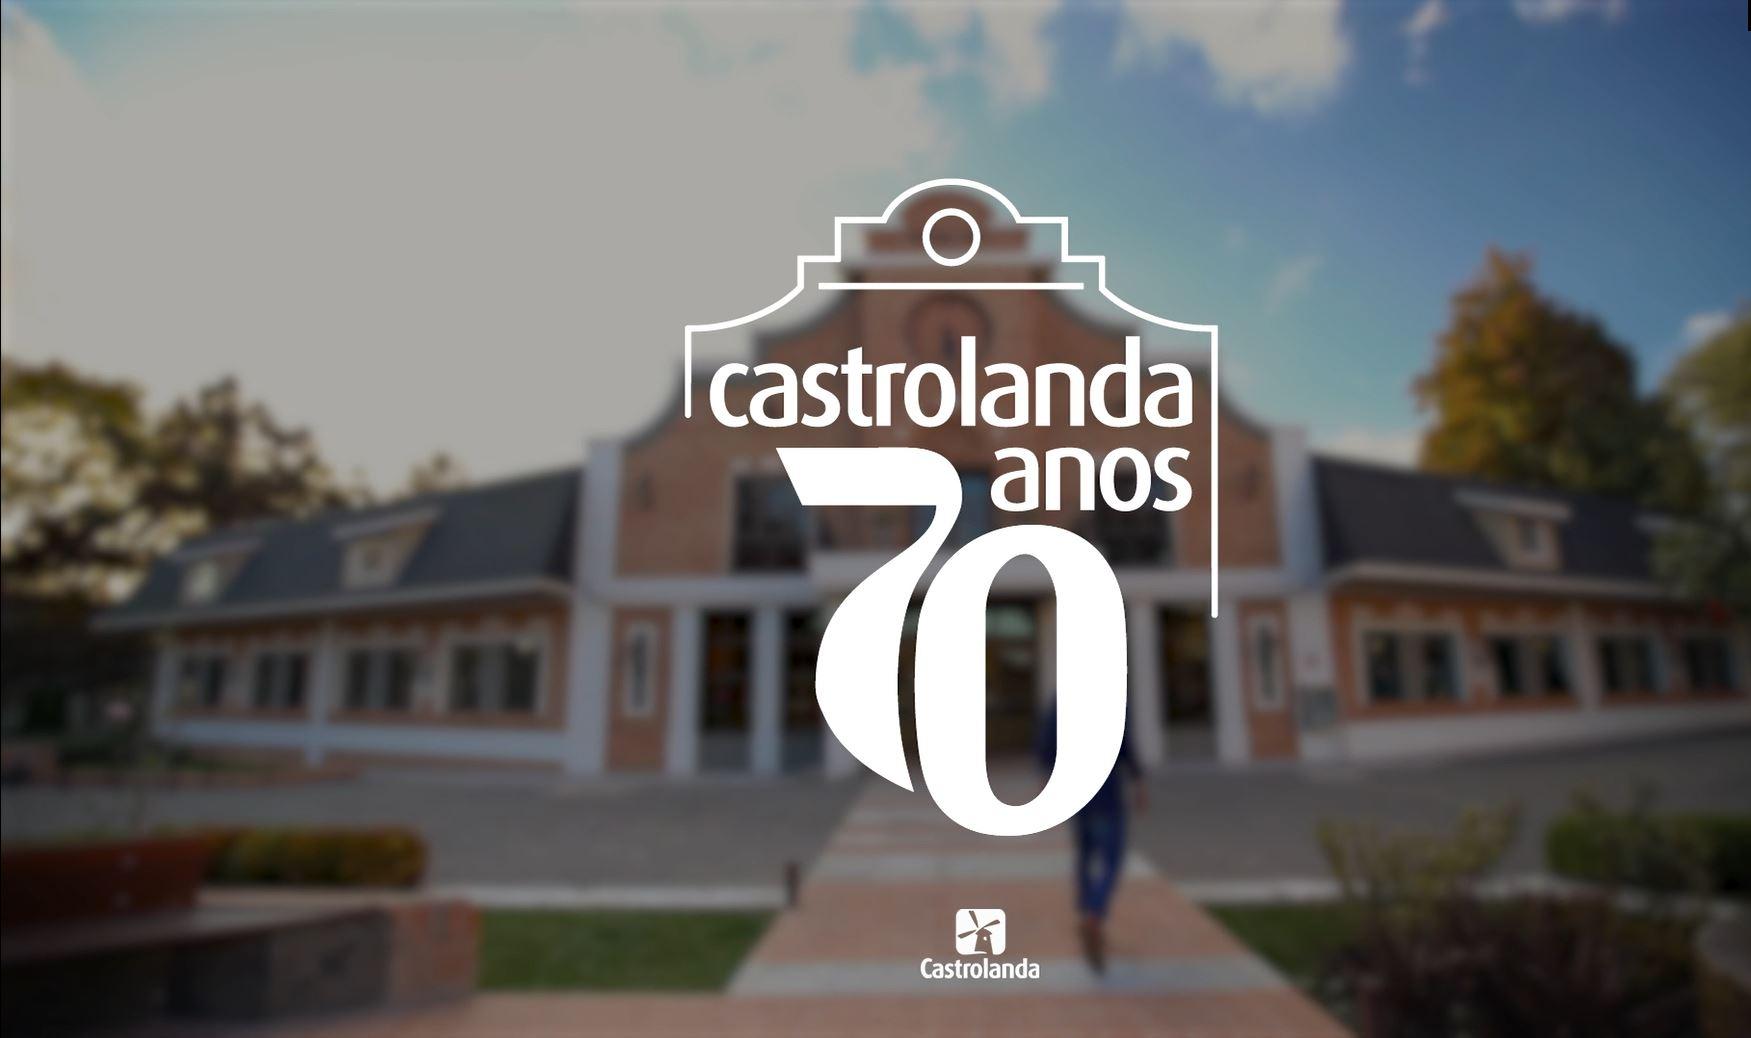 Castrolanda lança campanha em comemoração aos 70 anos de história